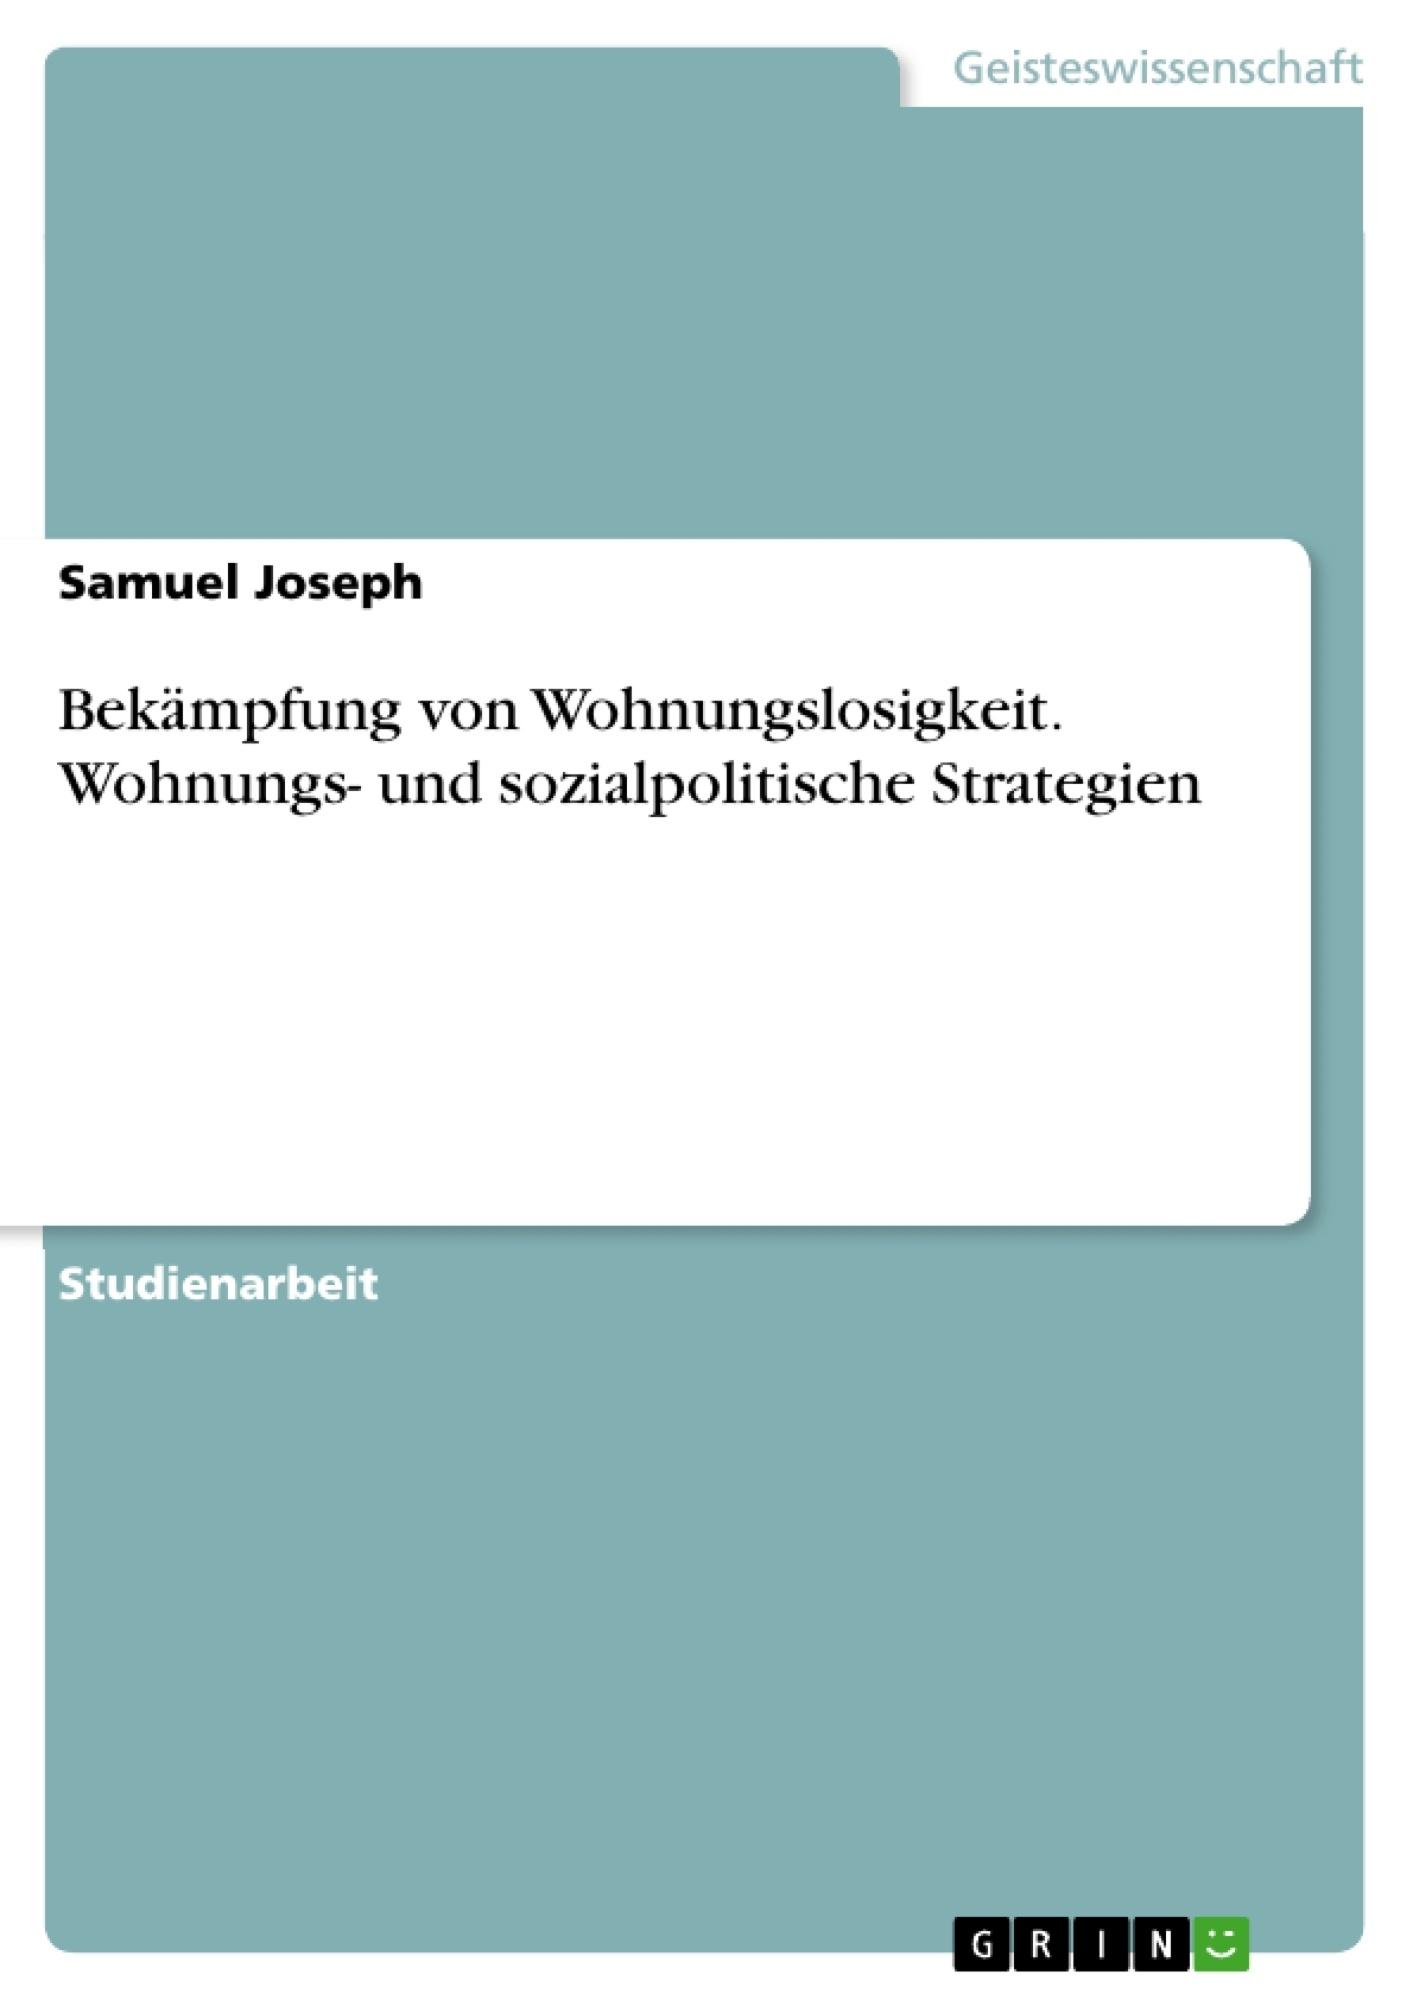 Titel: Bekämpfung von Wohnungslosigkeit. Wohnungs- und sozialpolitische Strategien